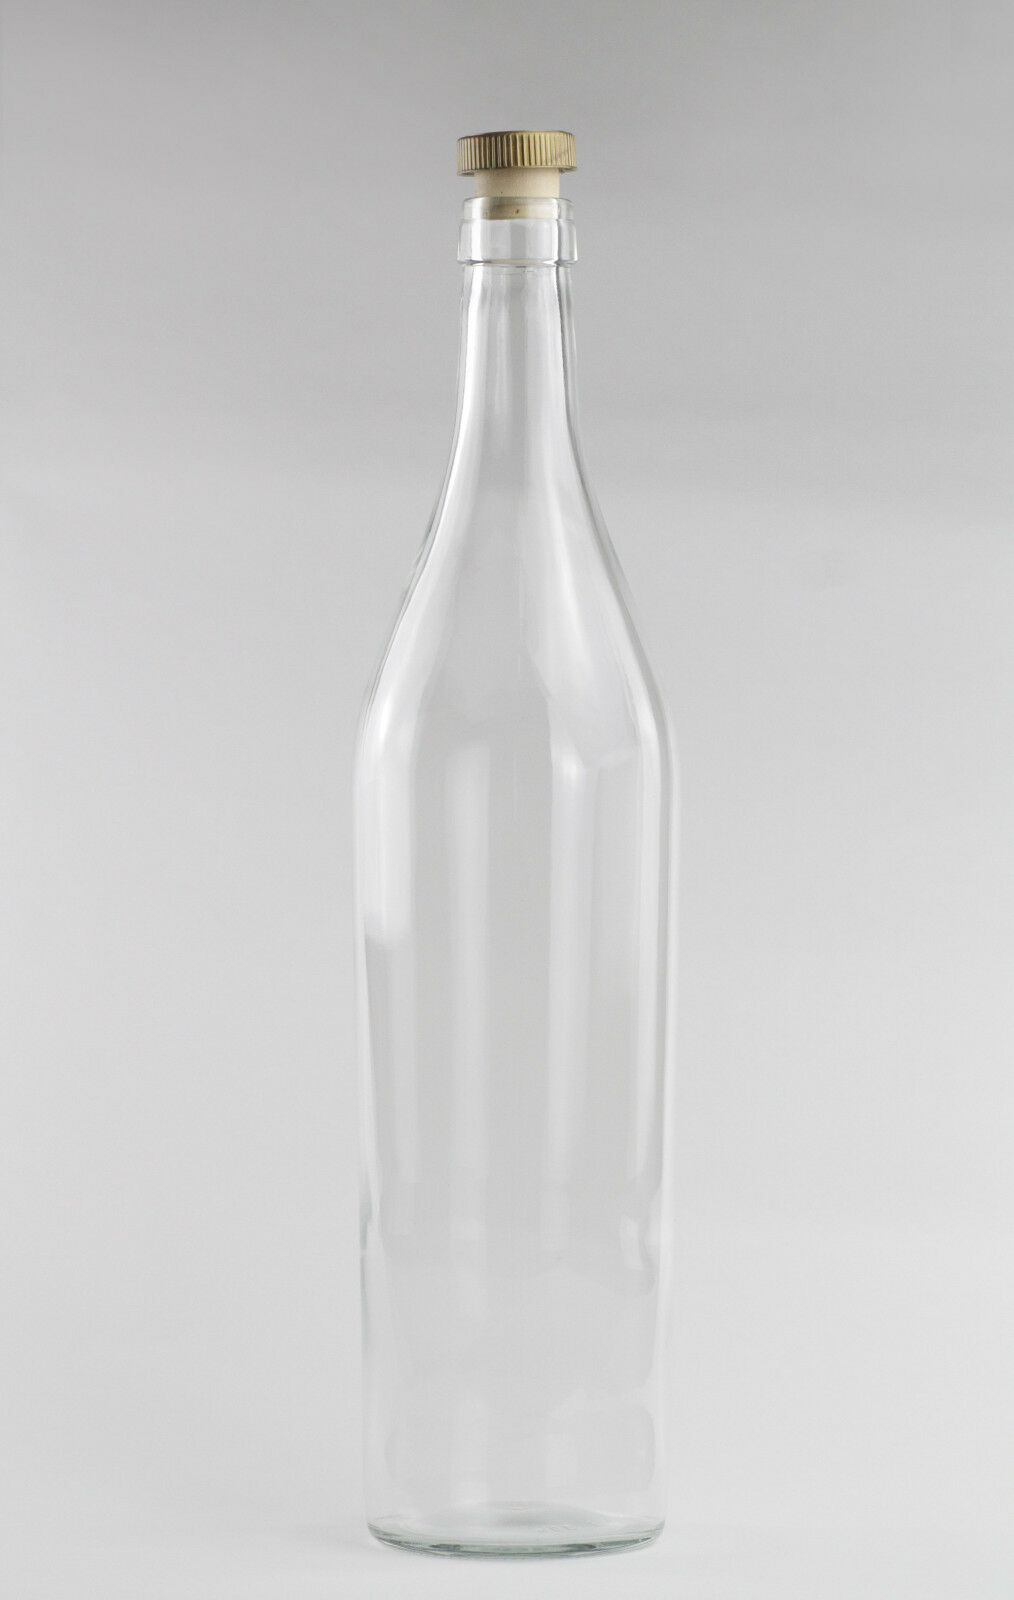 3 Liter neue Glas Flasche Asbach 3,0 Liter klar Glas Schnaps Likör Spardose